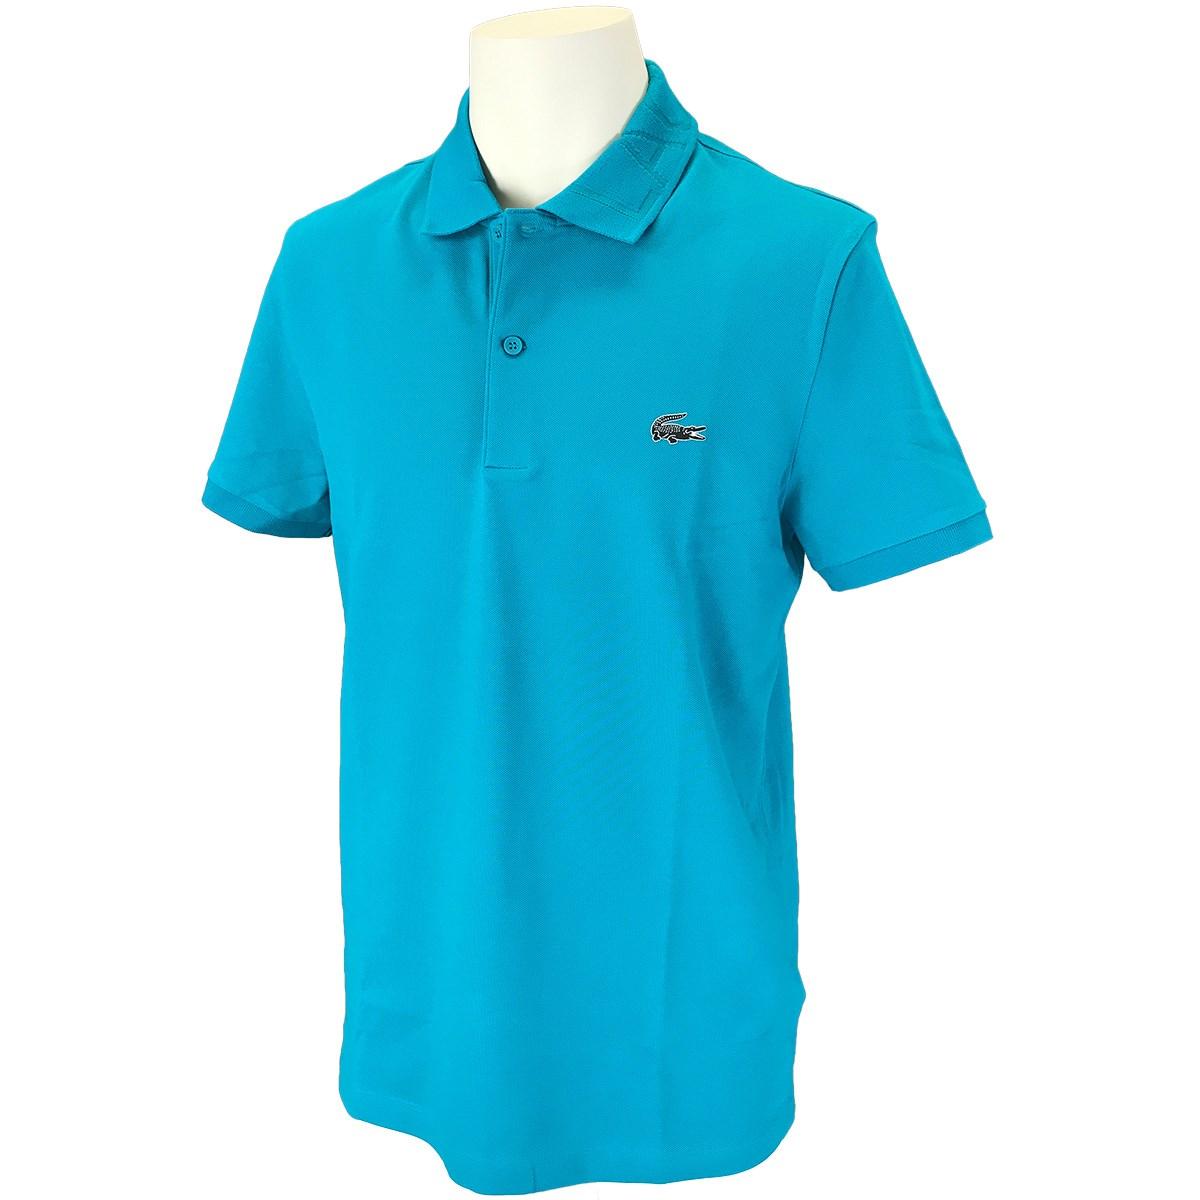 ラコステ ジャカードロゴ襟 半袖ポロシャツ